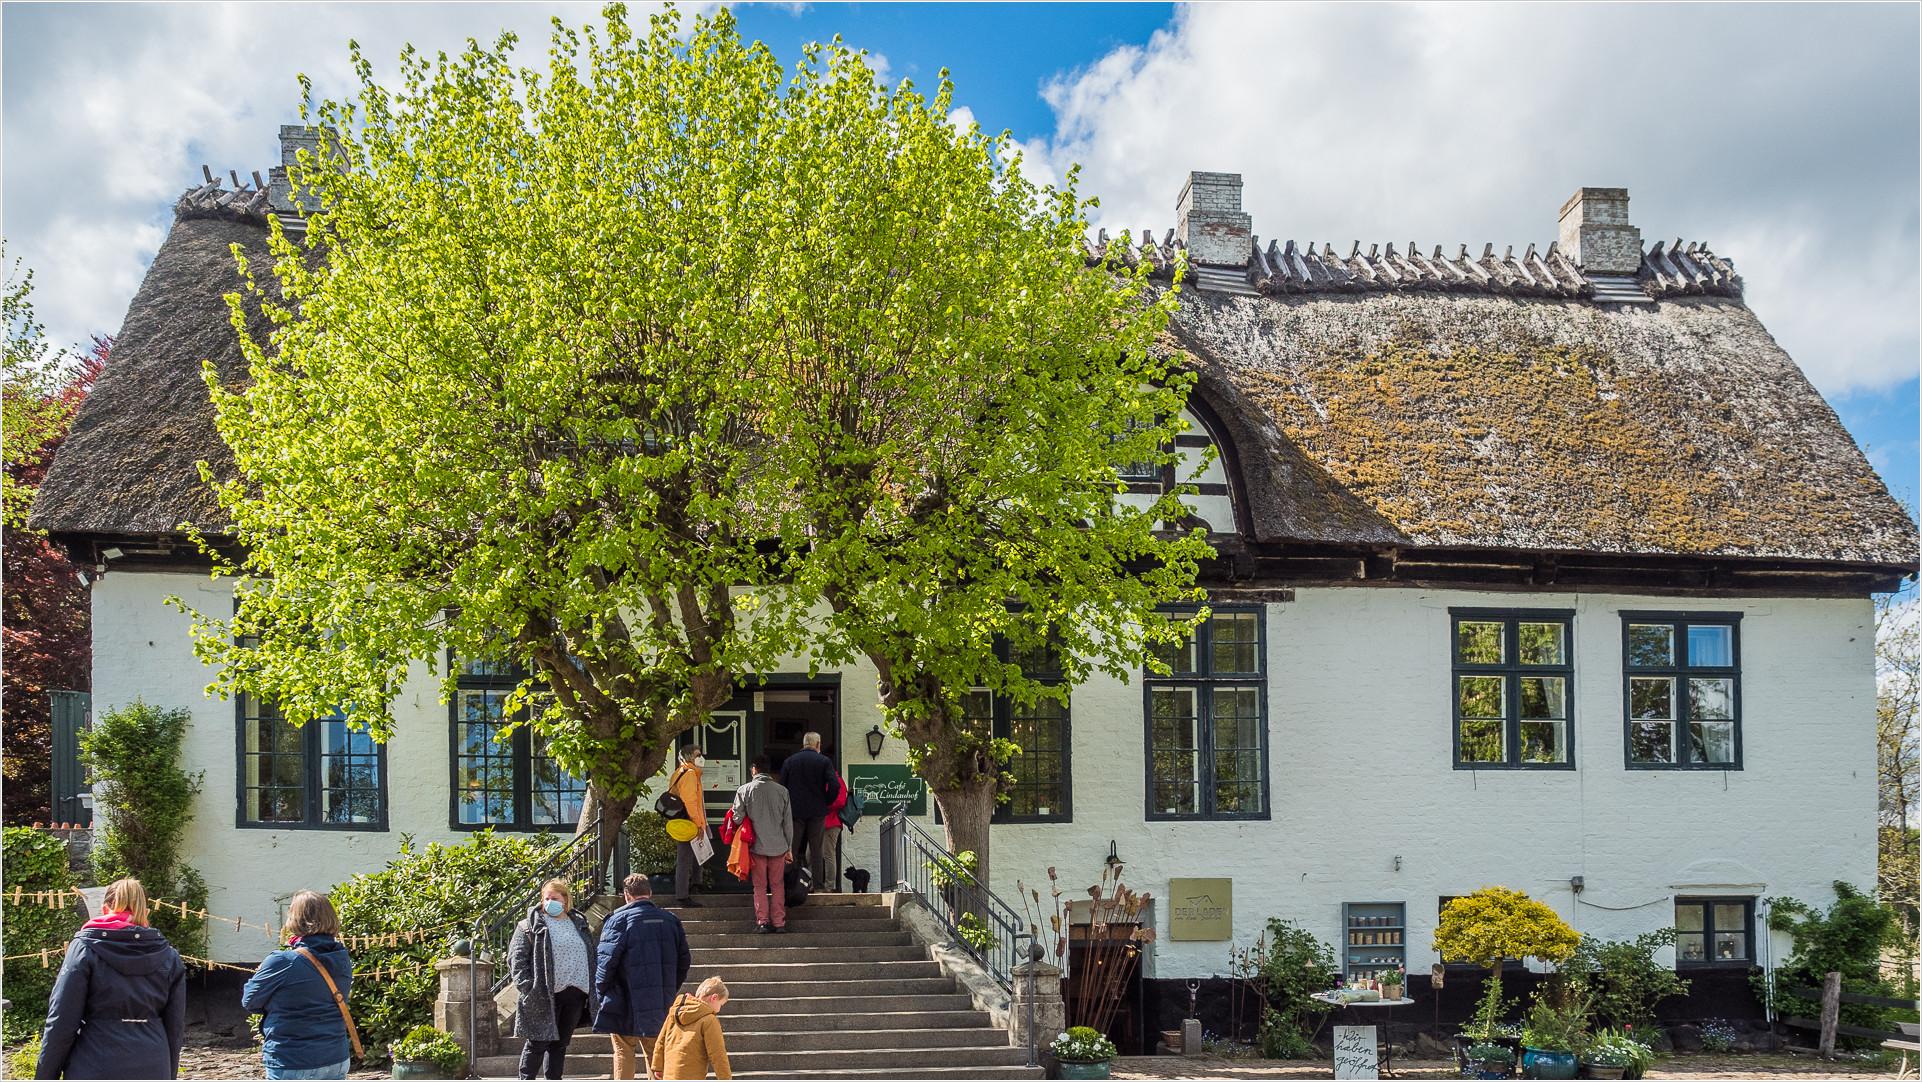 Das Cafe Lindauhof, früher Wohnort des Landarztes aus der gleichnameigen Serie